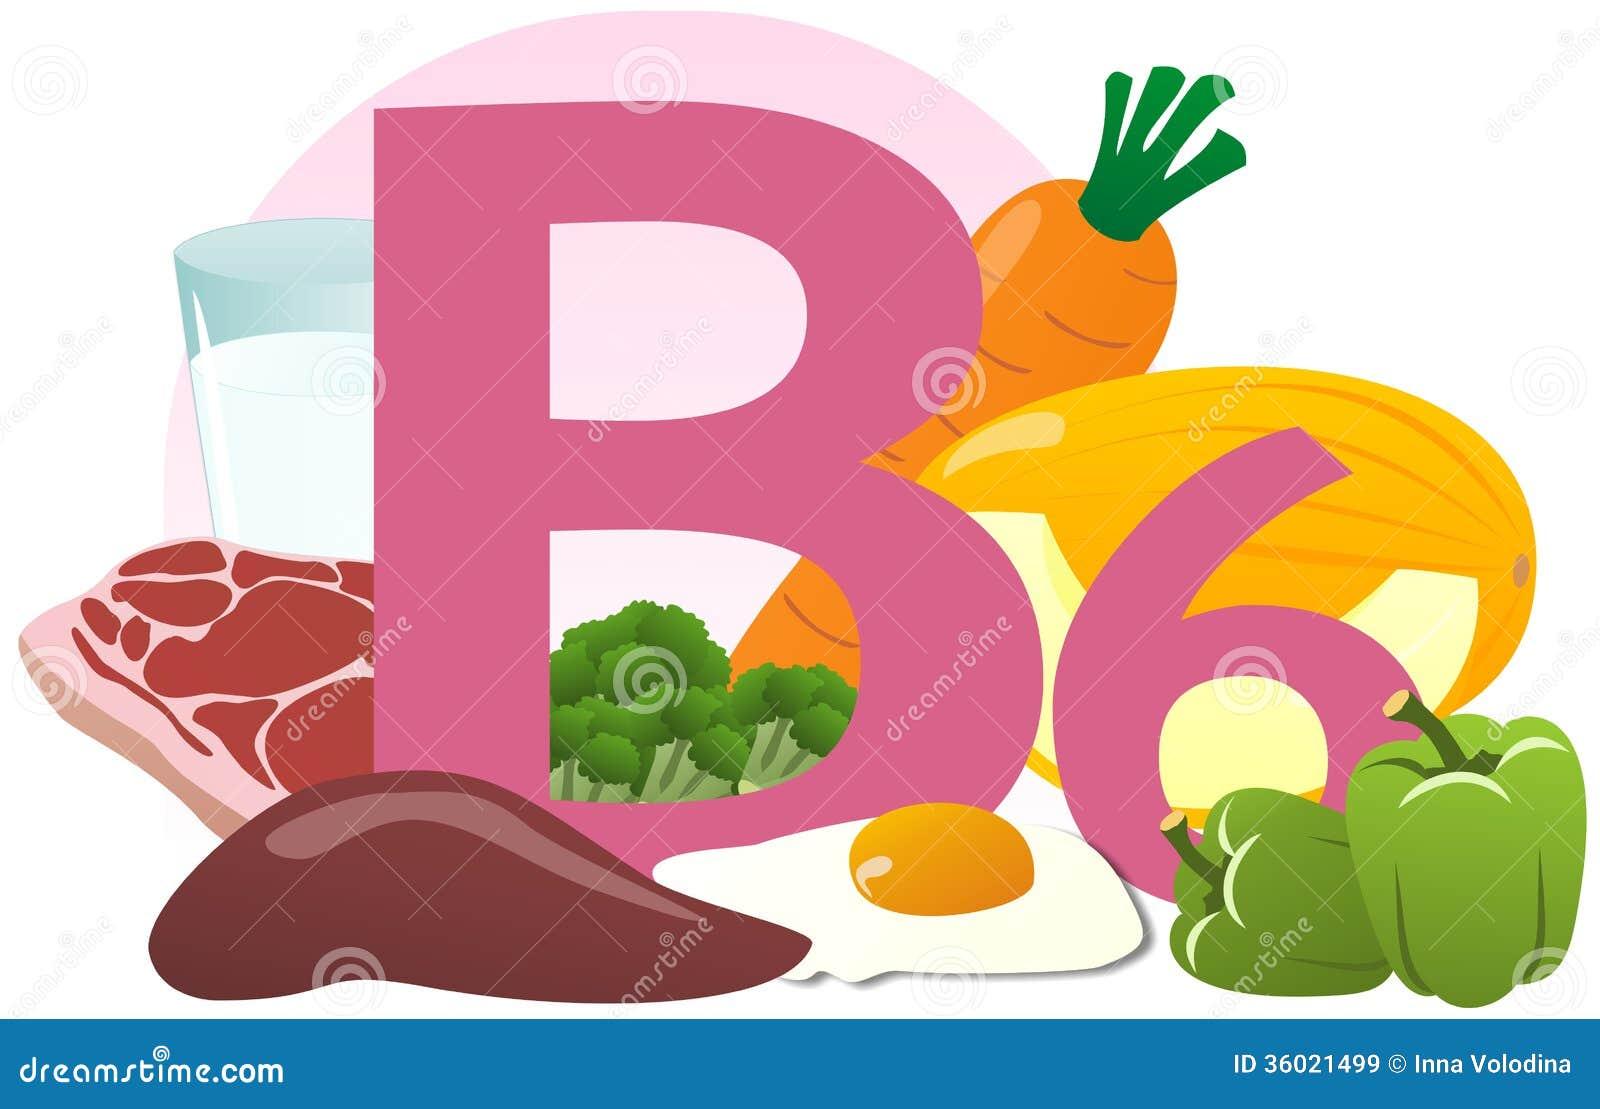 Productos que contienen la vitamina b6 stock de ilustraci n imagen 36021499 - Alimentos q contienen vitamina b ...